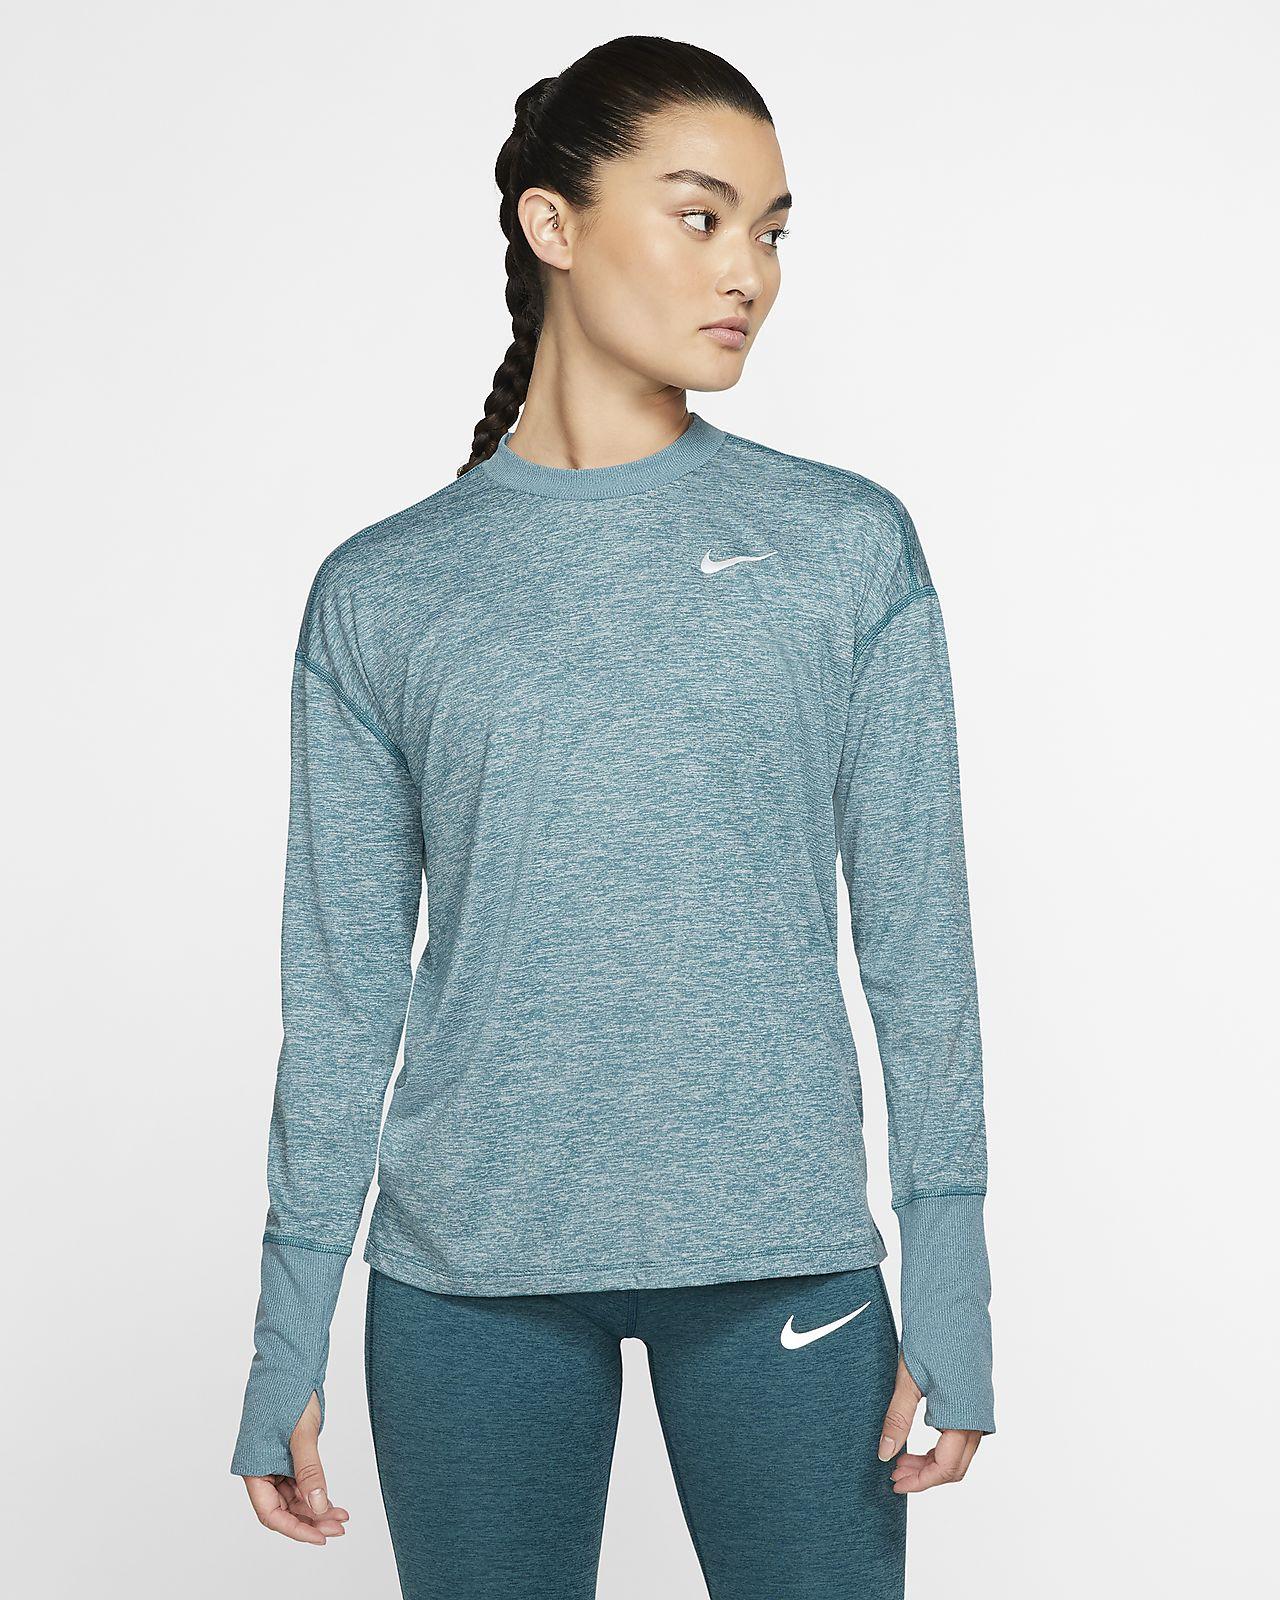 Camiseta de running para mujer Nike Element